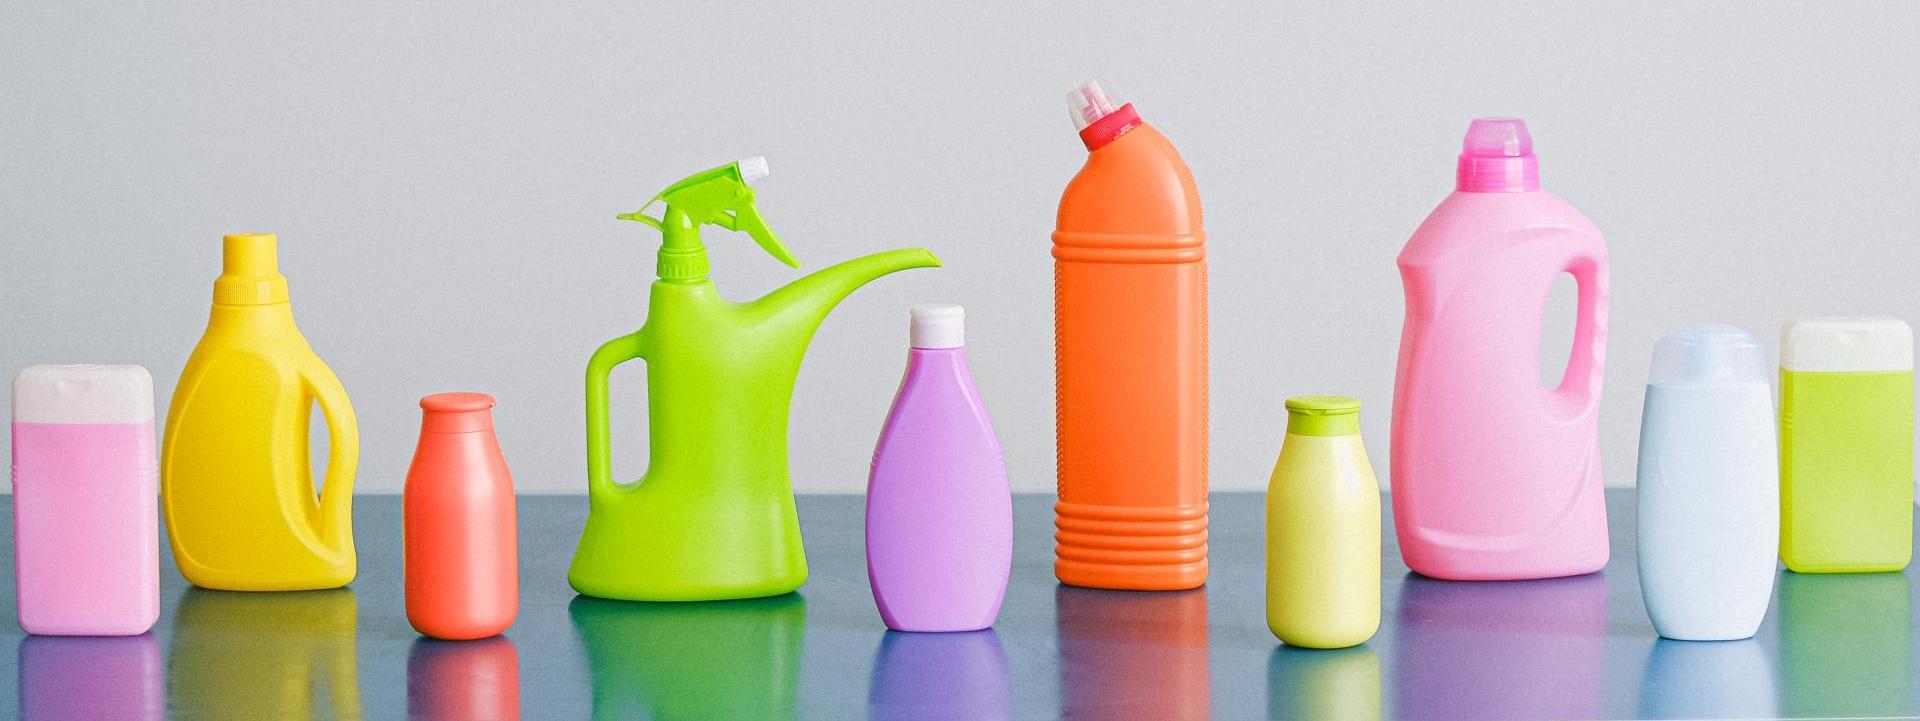 ¿Qué podemos hacer para reducir plásticos en nuestra colada diaria?